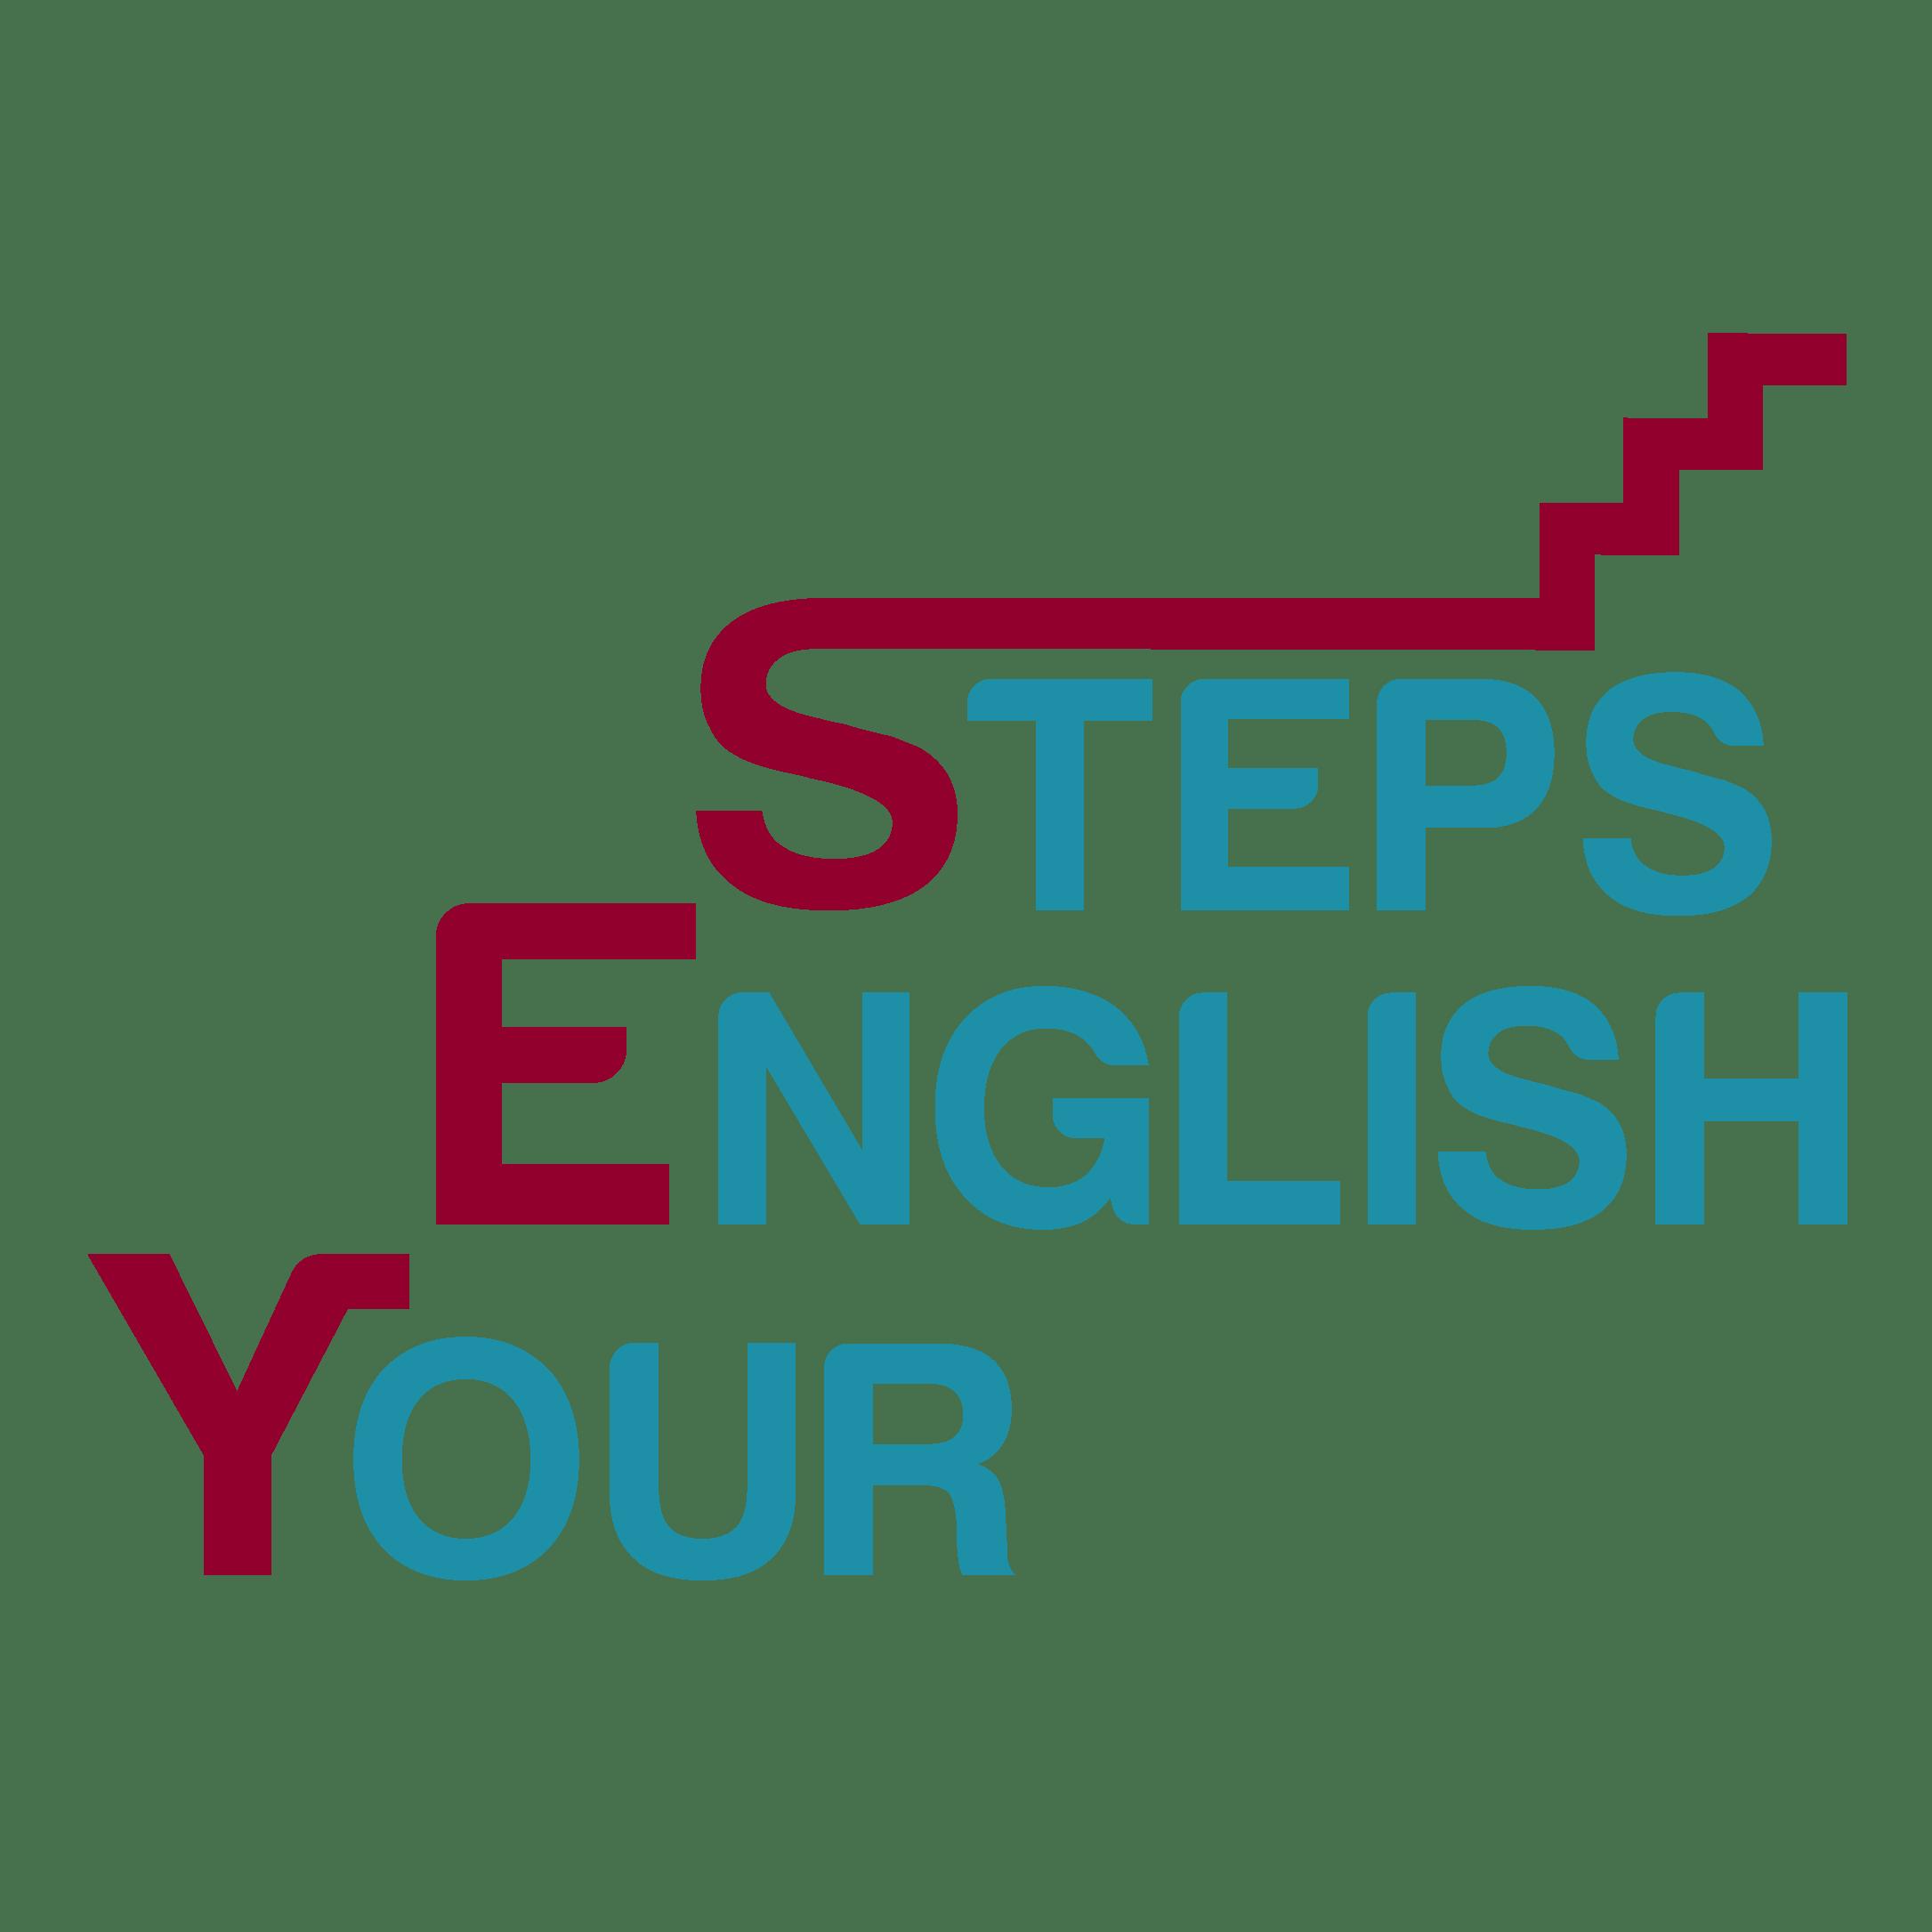 Your English Steps - Hatékony lépések a használható angoltudásért